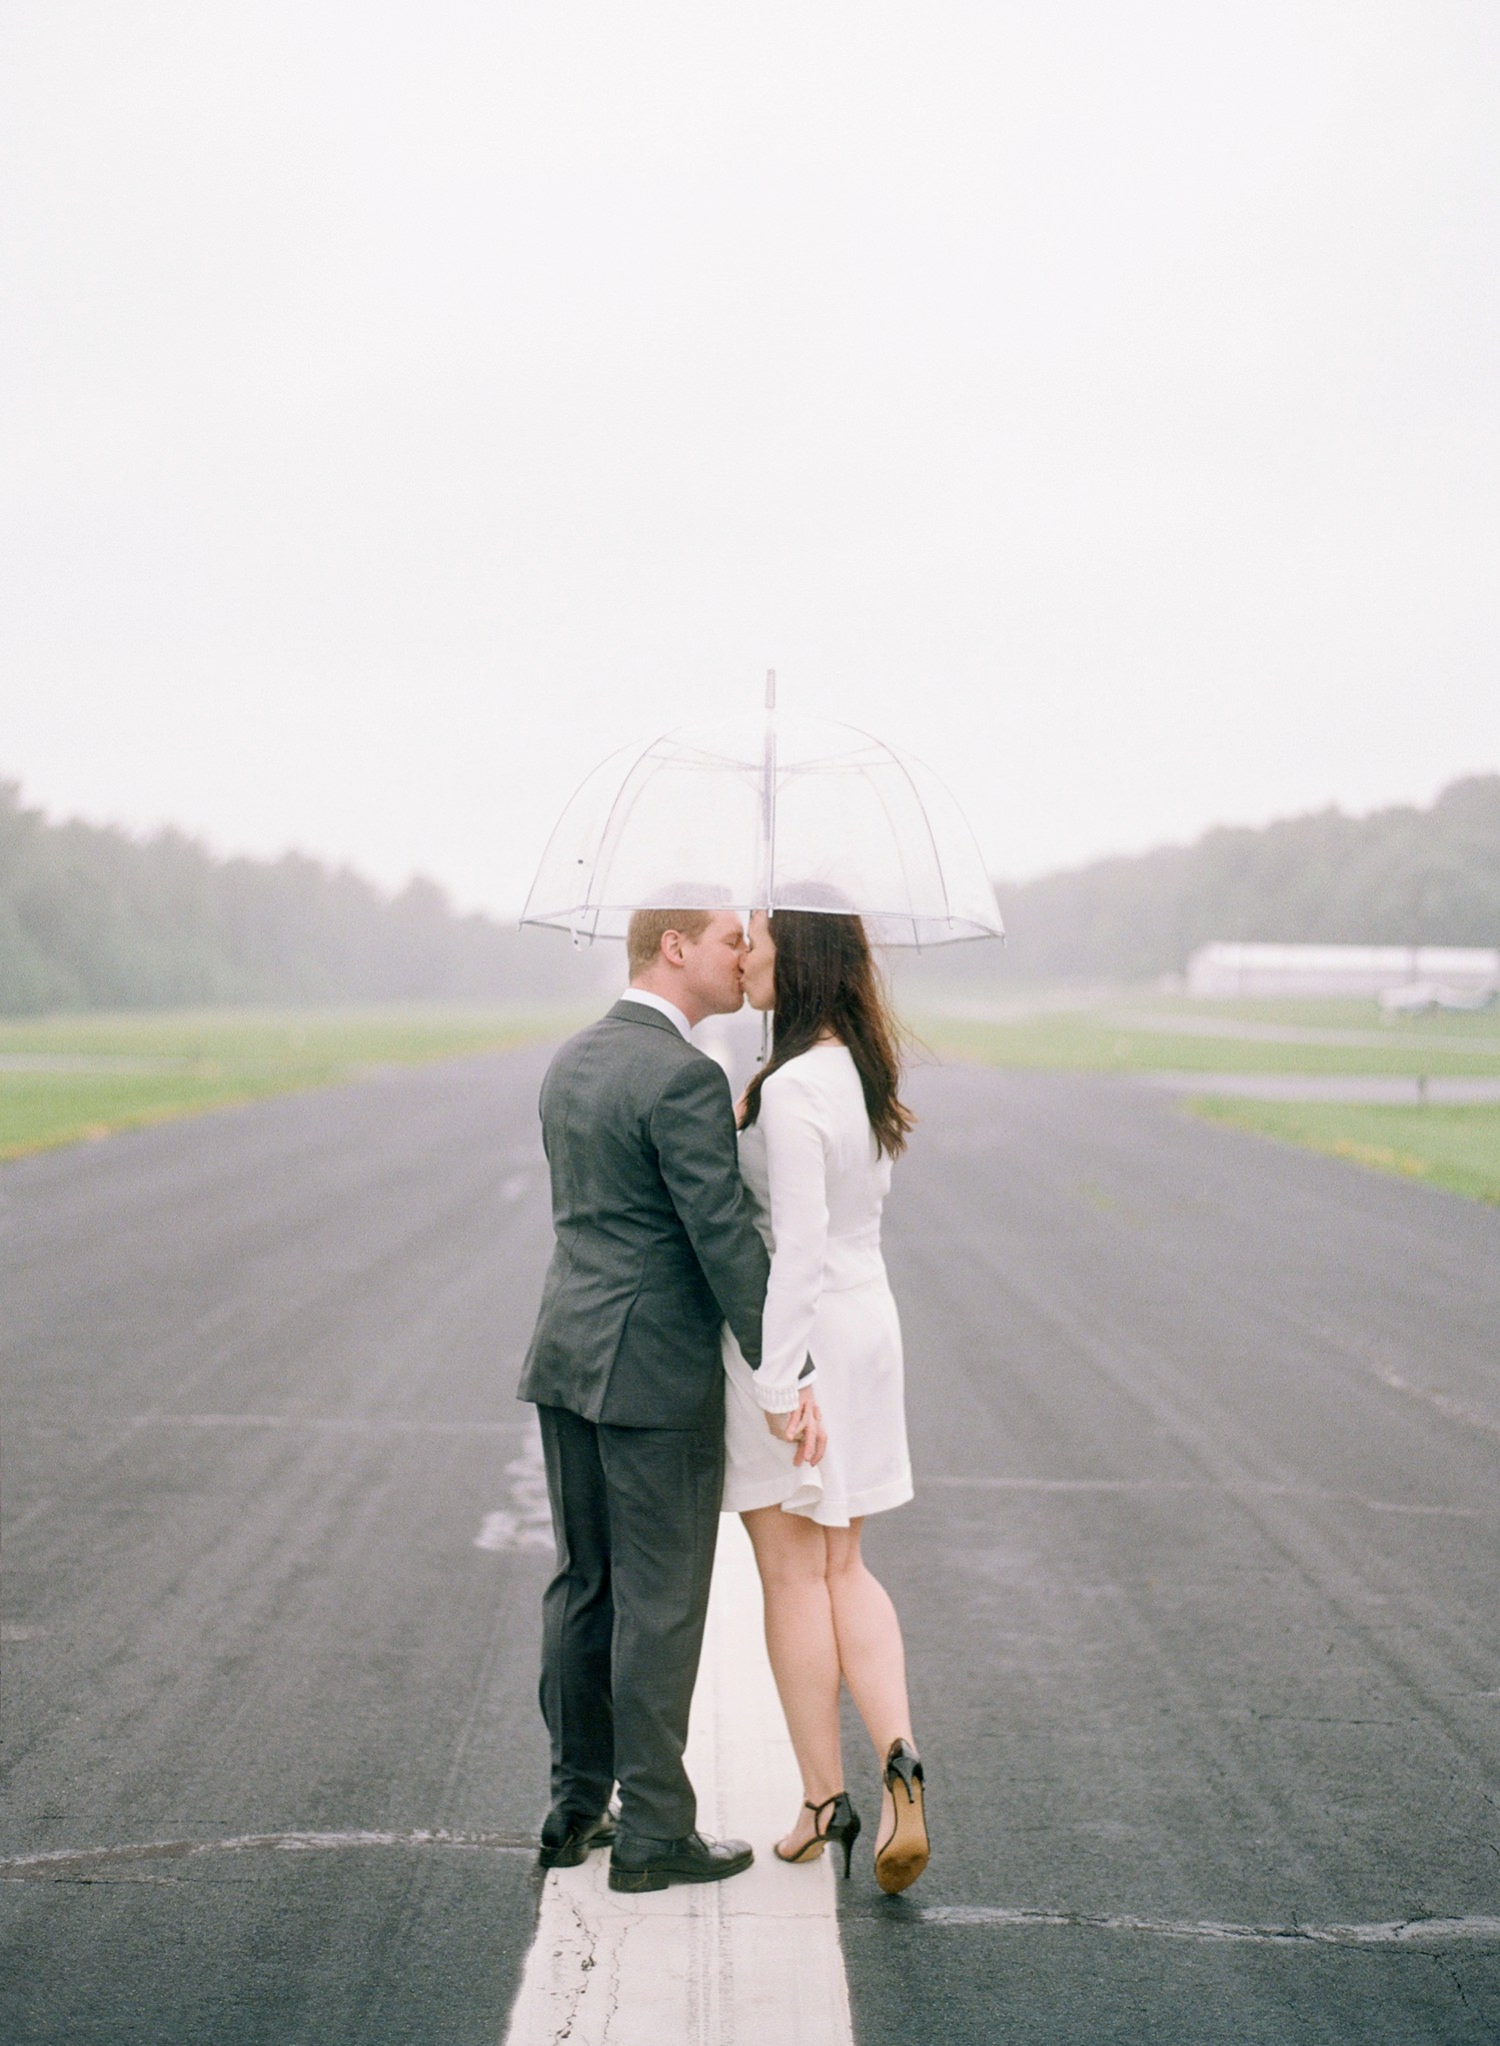 rainy day engagement photos washington dc